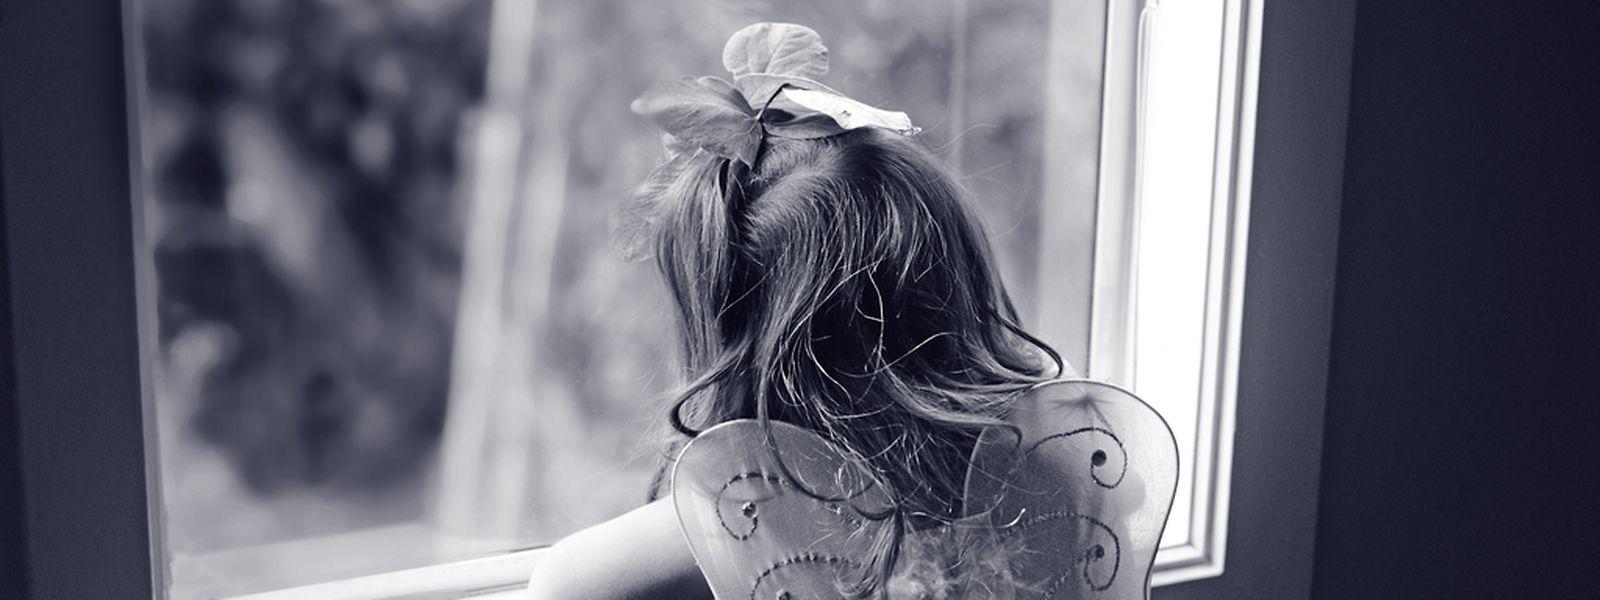 Kinder trauern anders als Erwachsene.